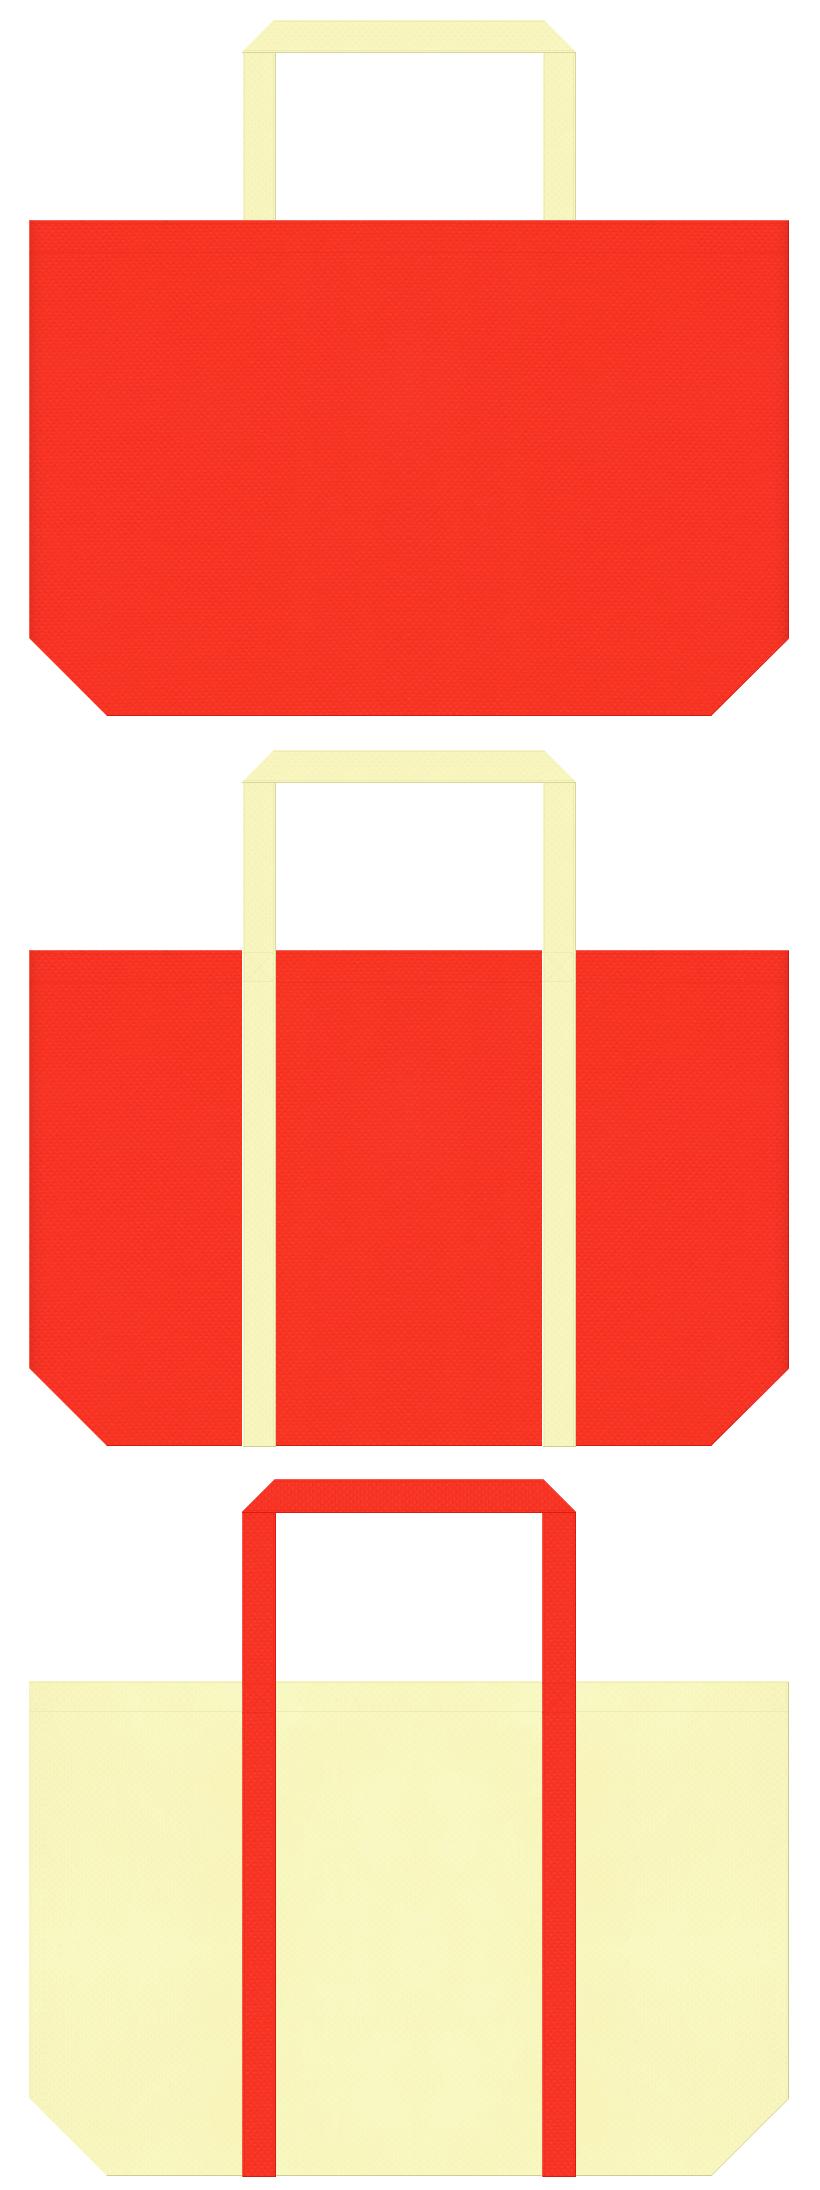 チーズ・マヨネーズ・マーガリン・サラダ油・調味料・お料理教室・レシピ・キッチン・ランチバッグにお奨めの不織布バッグデザイン:オレンジ色と薄黄色のコーデ